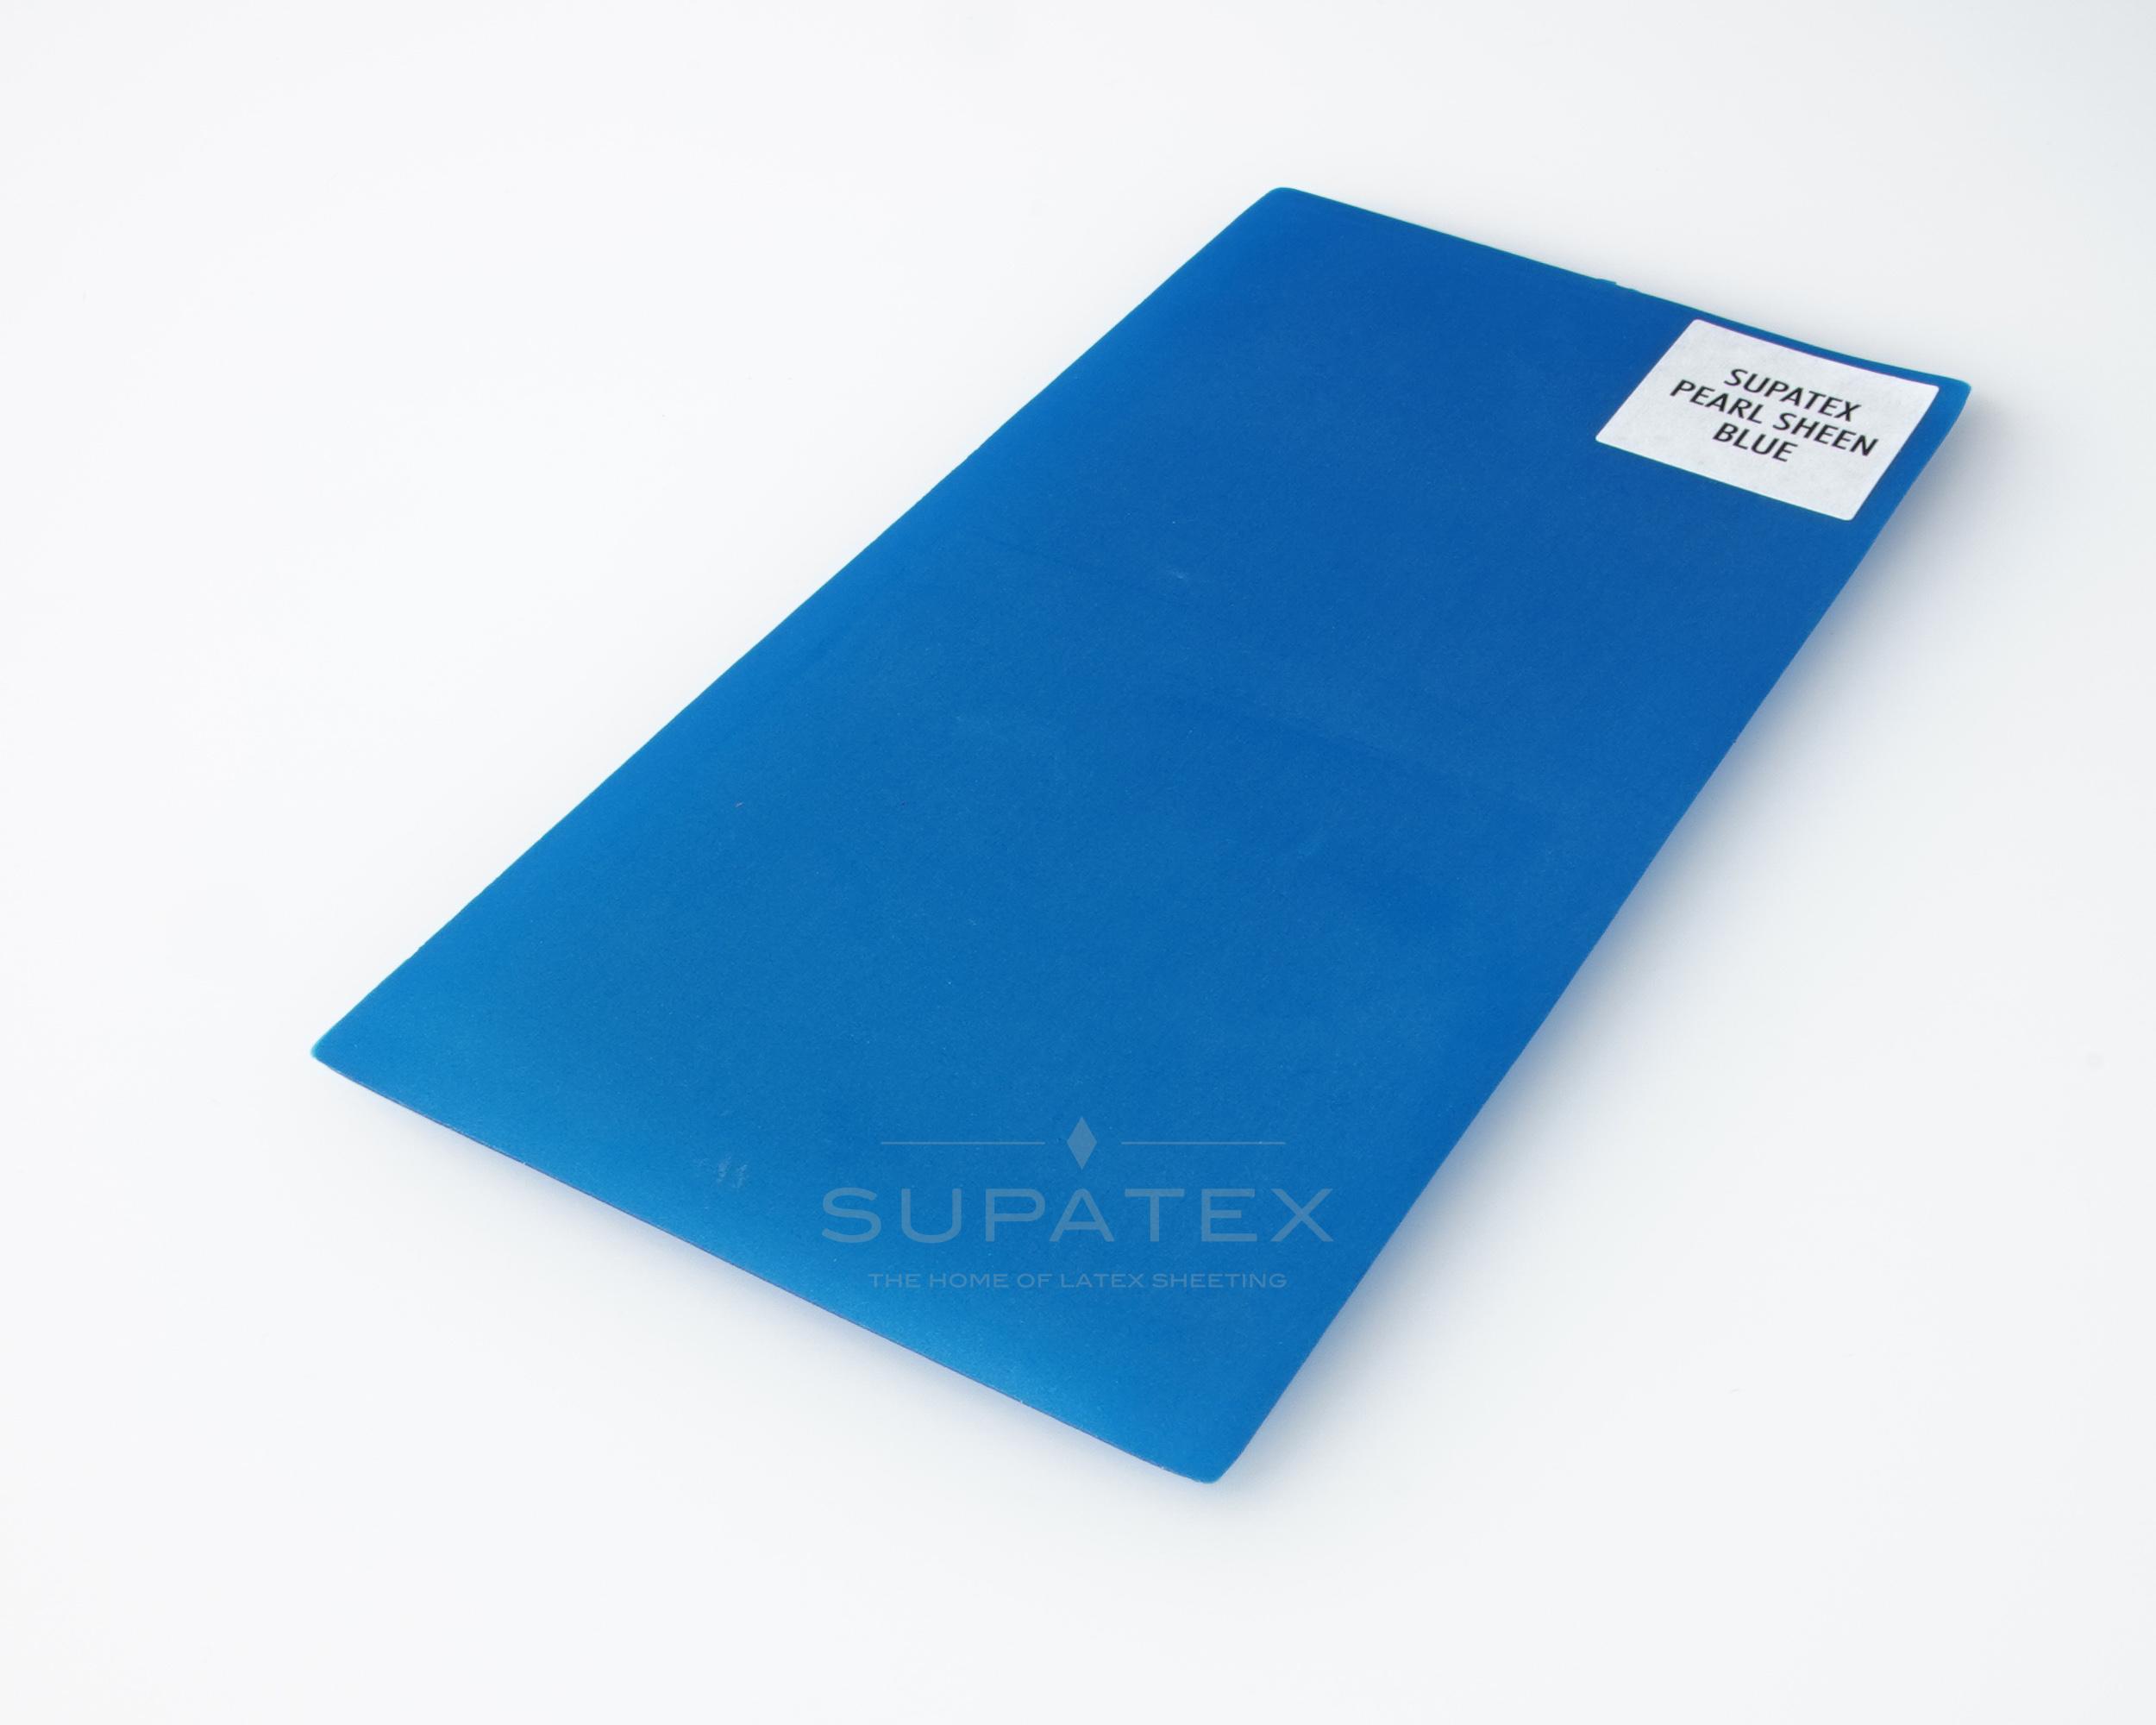 Supatex Pearlsheen Blue 0.33 mm